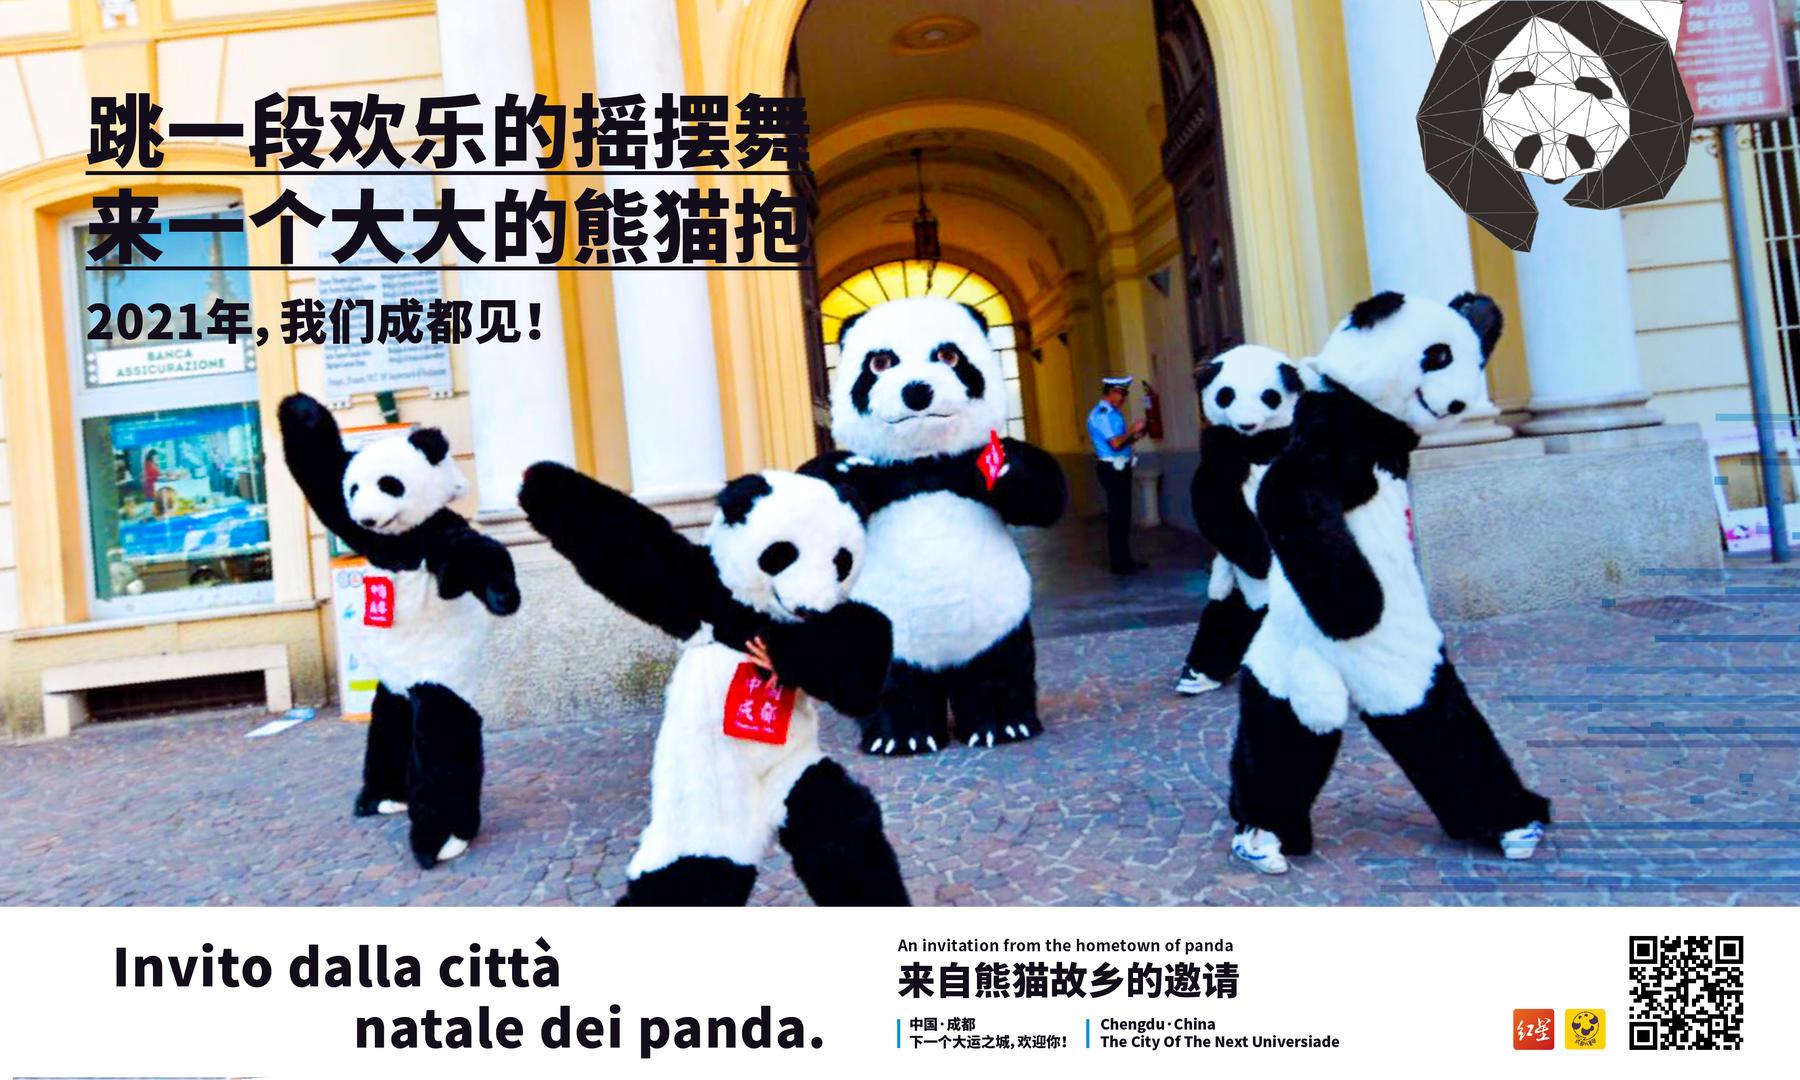 """来自熊猫故乡的邀请丨一组海报刷爆朋友圈,成都的这份邀请""""有心""""了"""